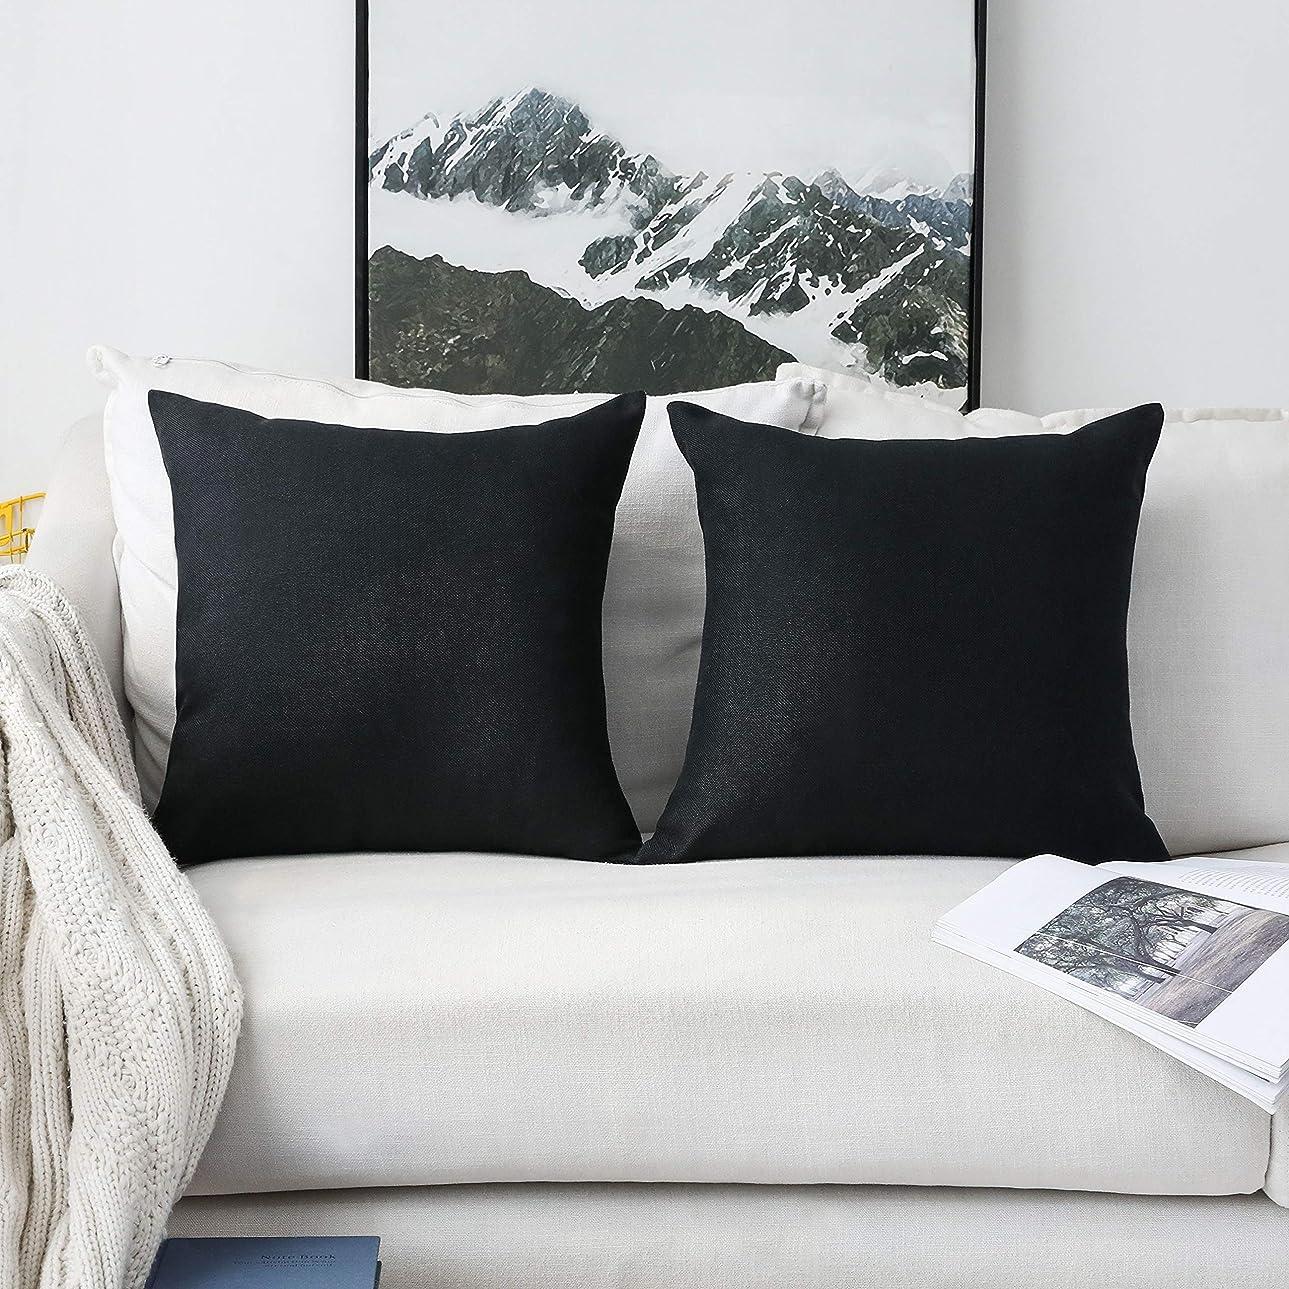 寛大なエントリ感情Home Brilliant 抱き枕カバー 2枚セット クッション カバー 45 45cm 高級感 おしゃれ ブラック 亜麻 麻 ベッド 車